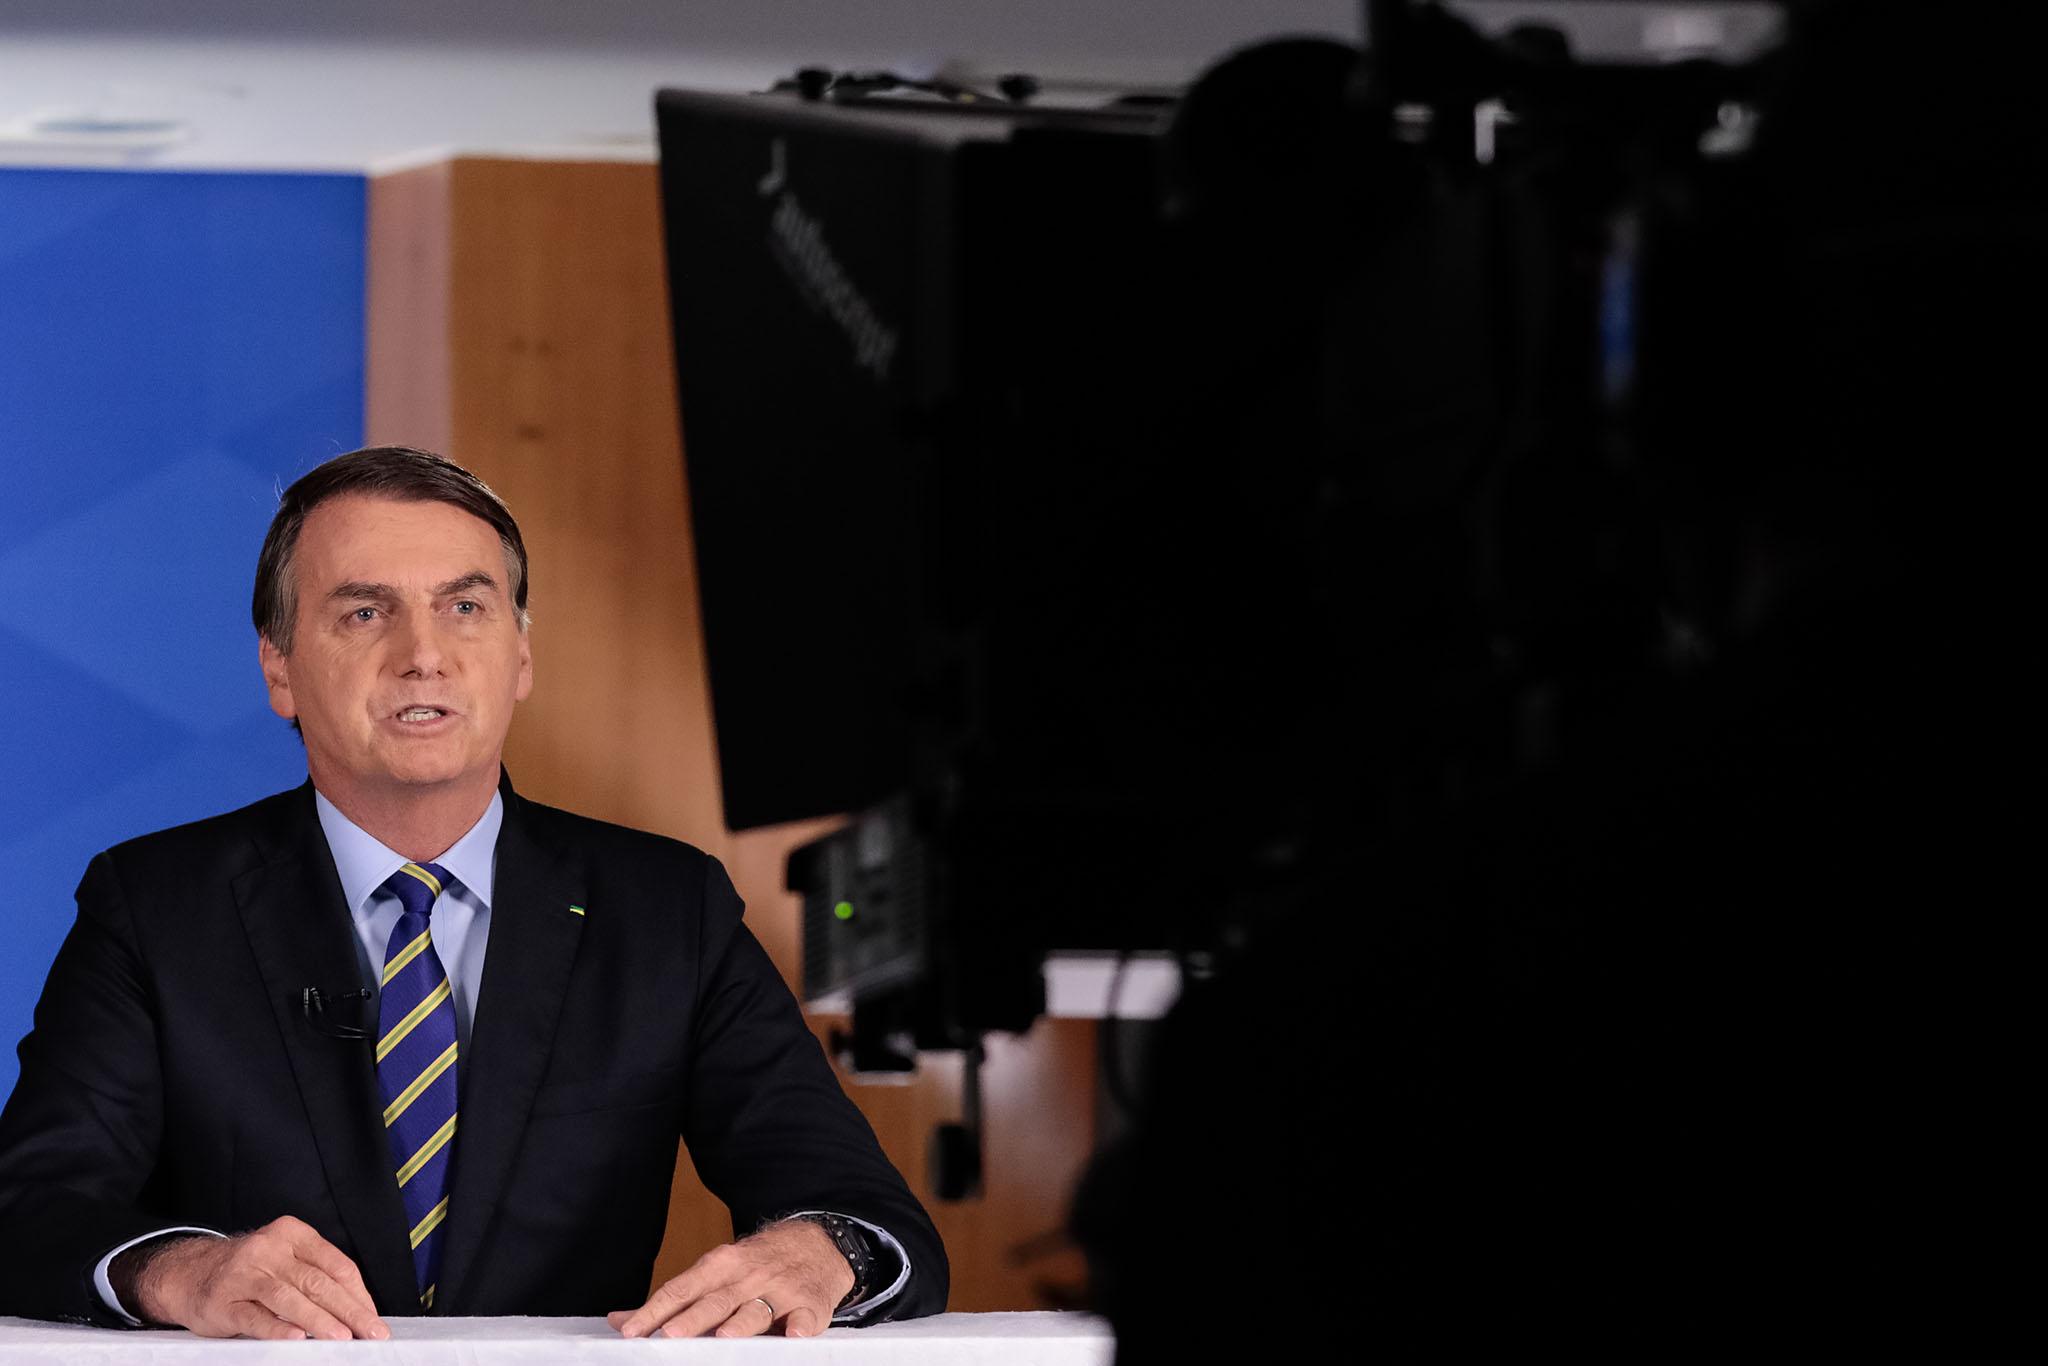 08.04.2020 - Brasília/DF - Pronunciamento do Presidente da República, Jair Bolsonaro em Rede Nacional de Rádio e Televisão. Foto: Carolina Antunes/PR